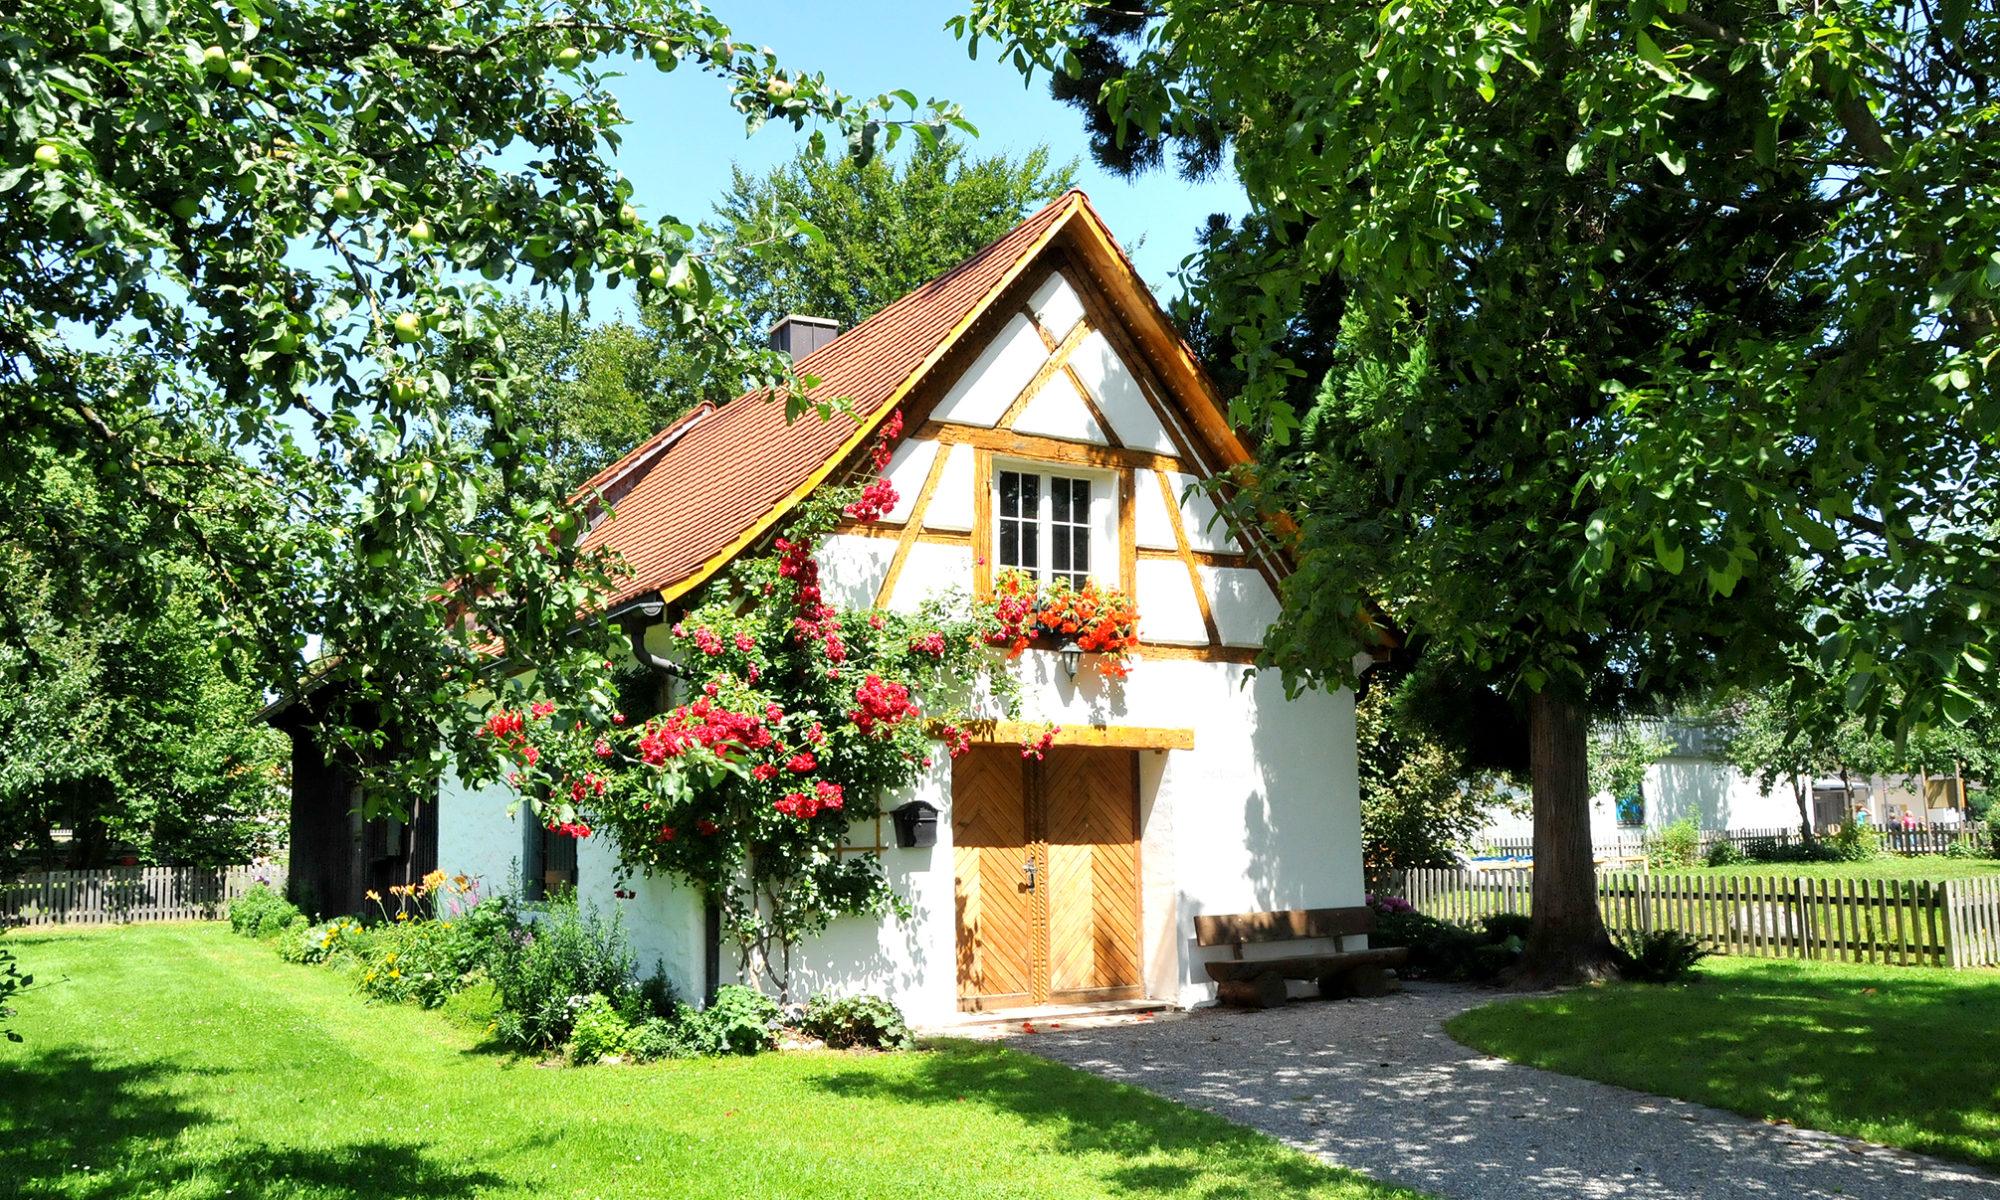 Gartenbauverein Hergensweiler